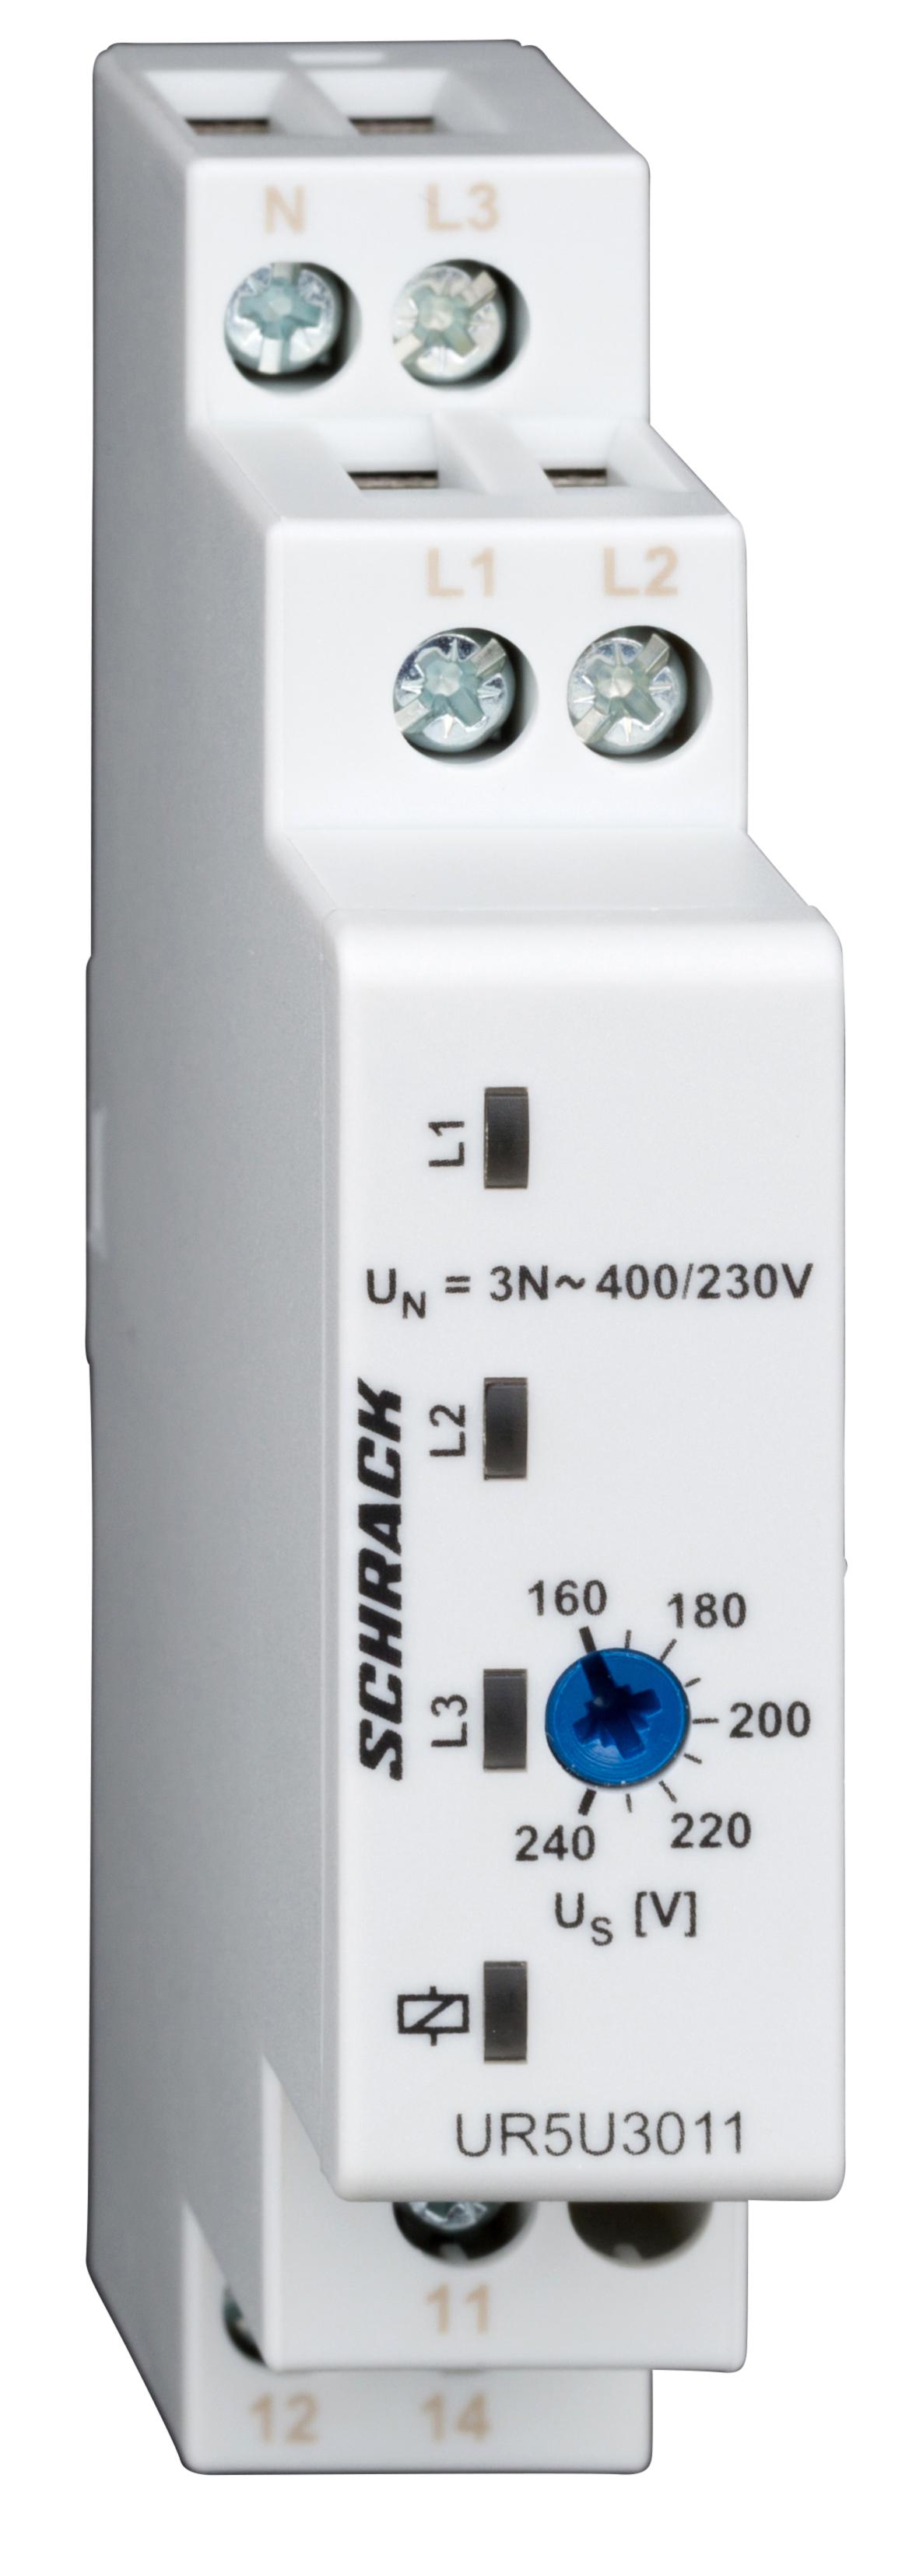 1 Stk Spannungsüberwachung 3-phasig gegen N, einstellbar 160-240V UR5U3011--